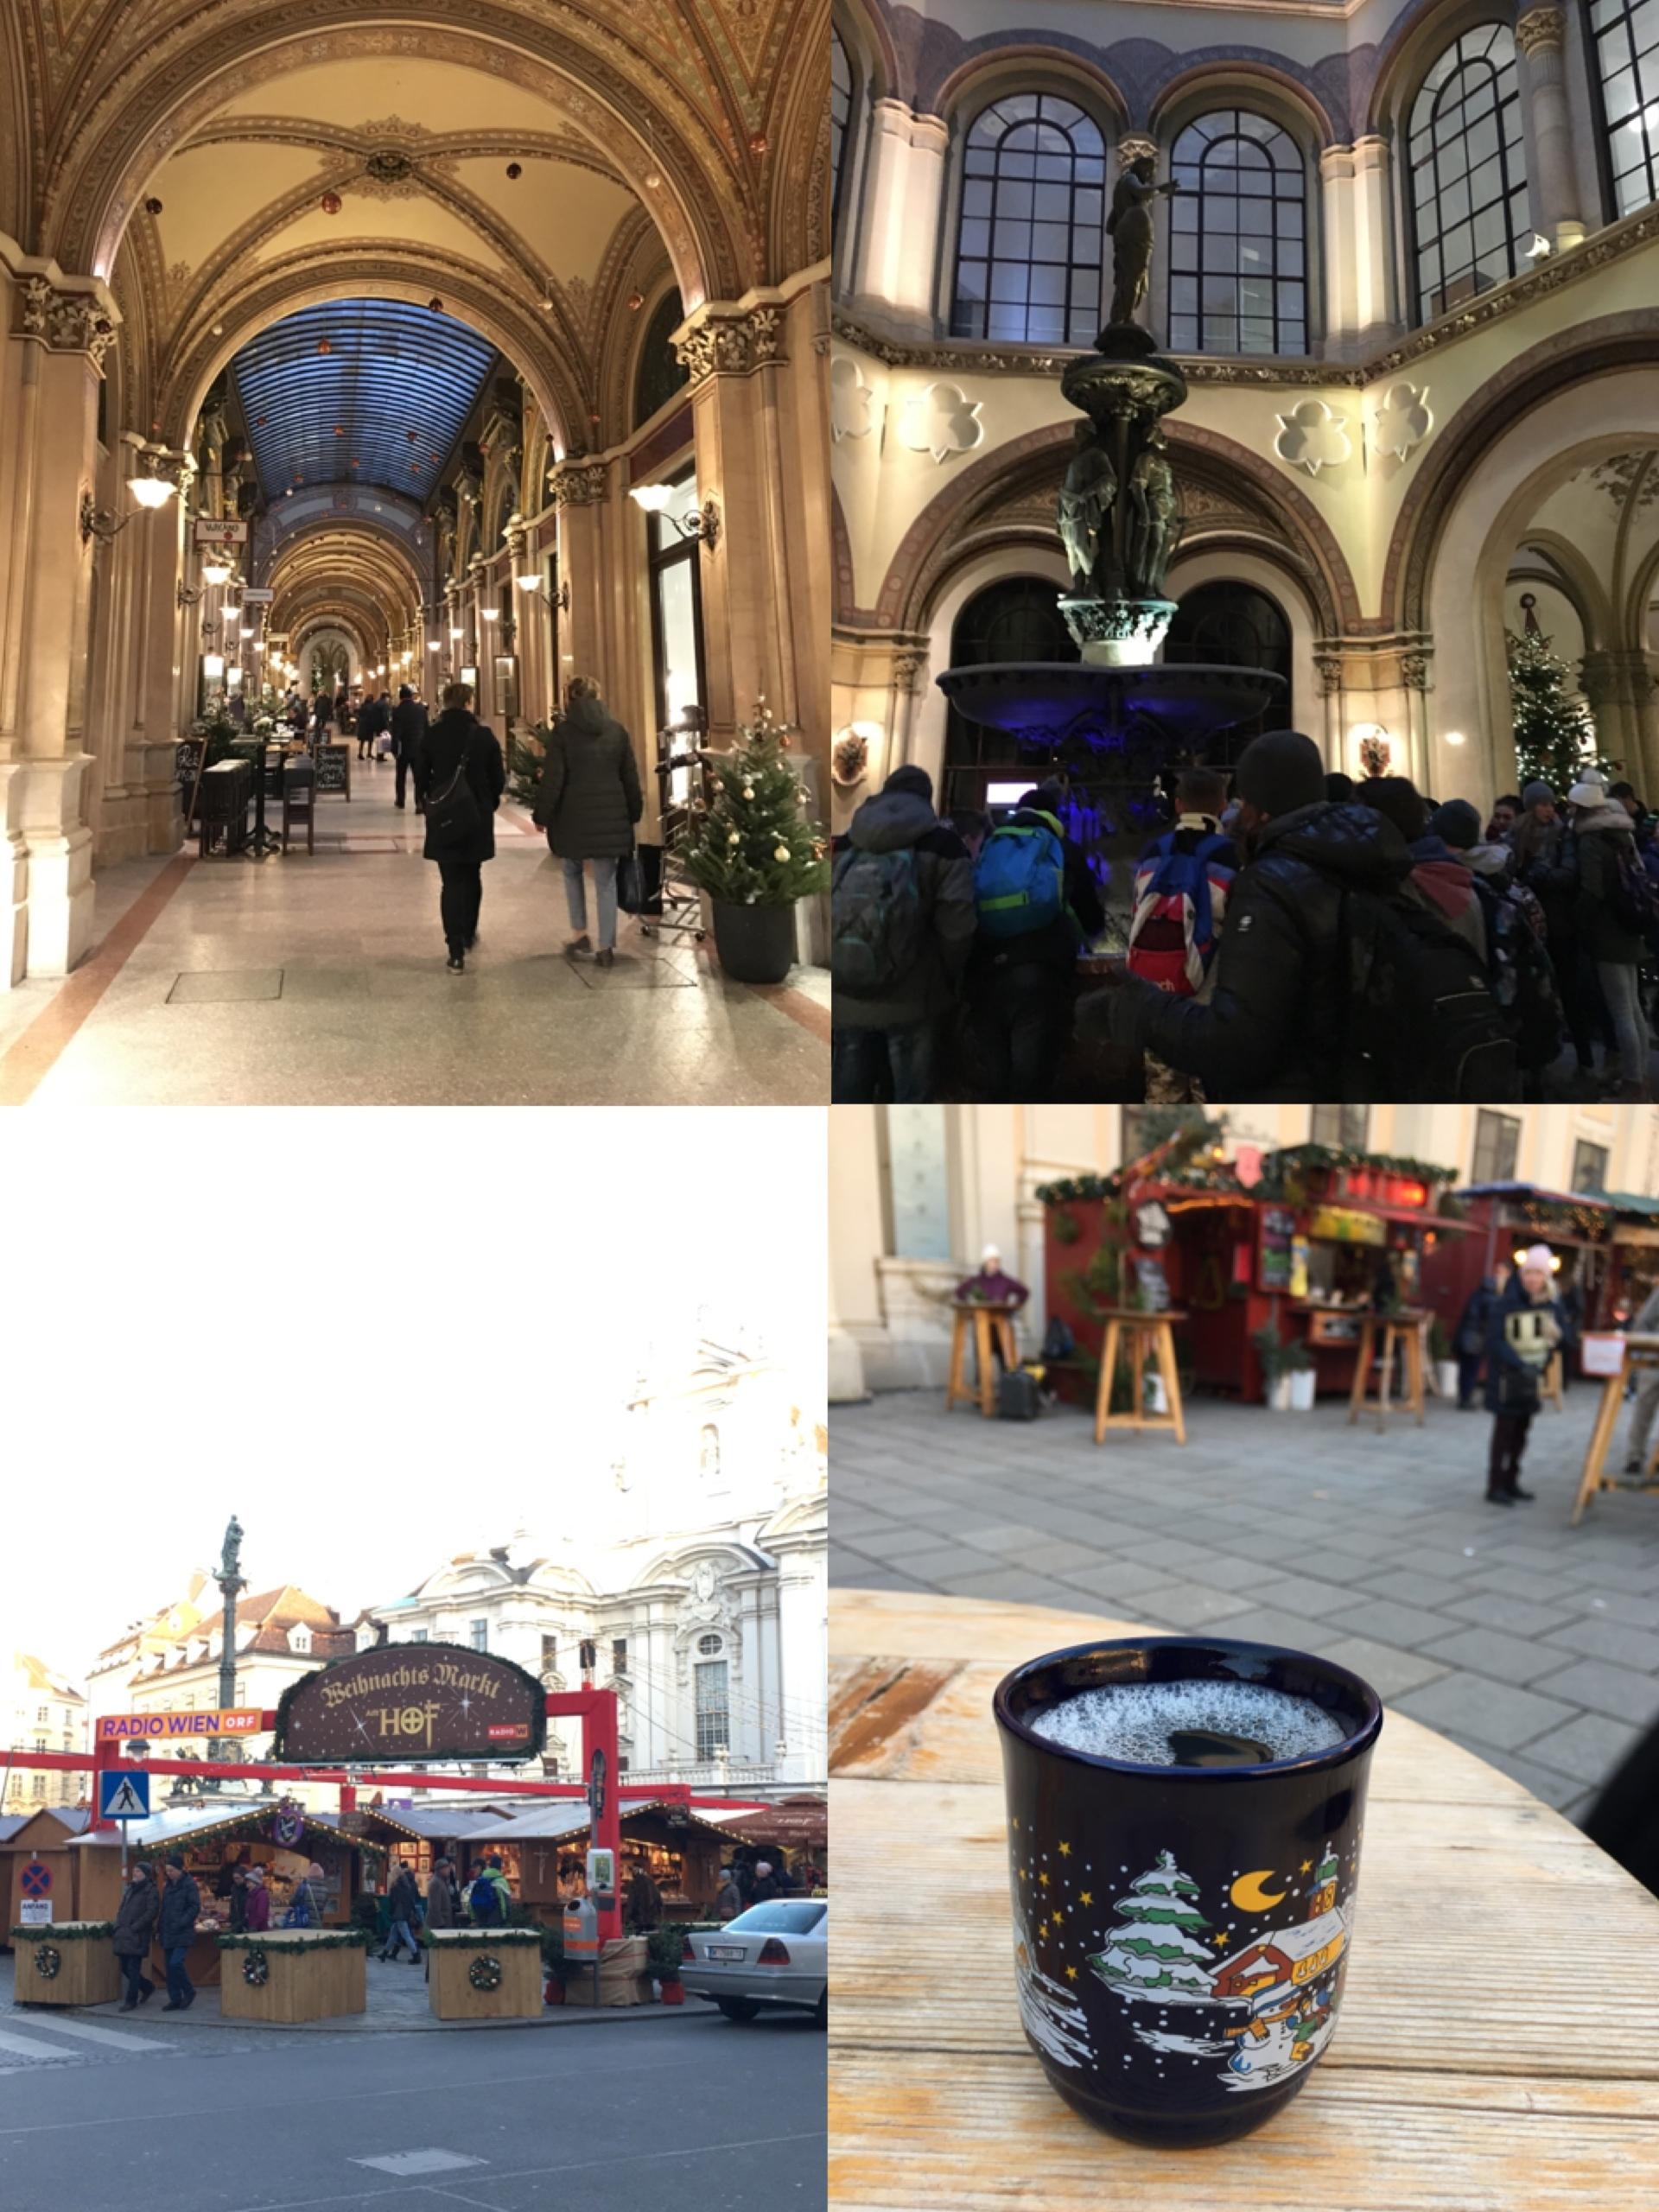 ウィーンのクリスマスマーケット_1_1